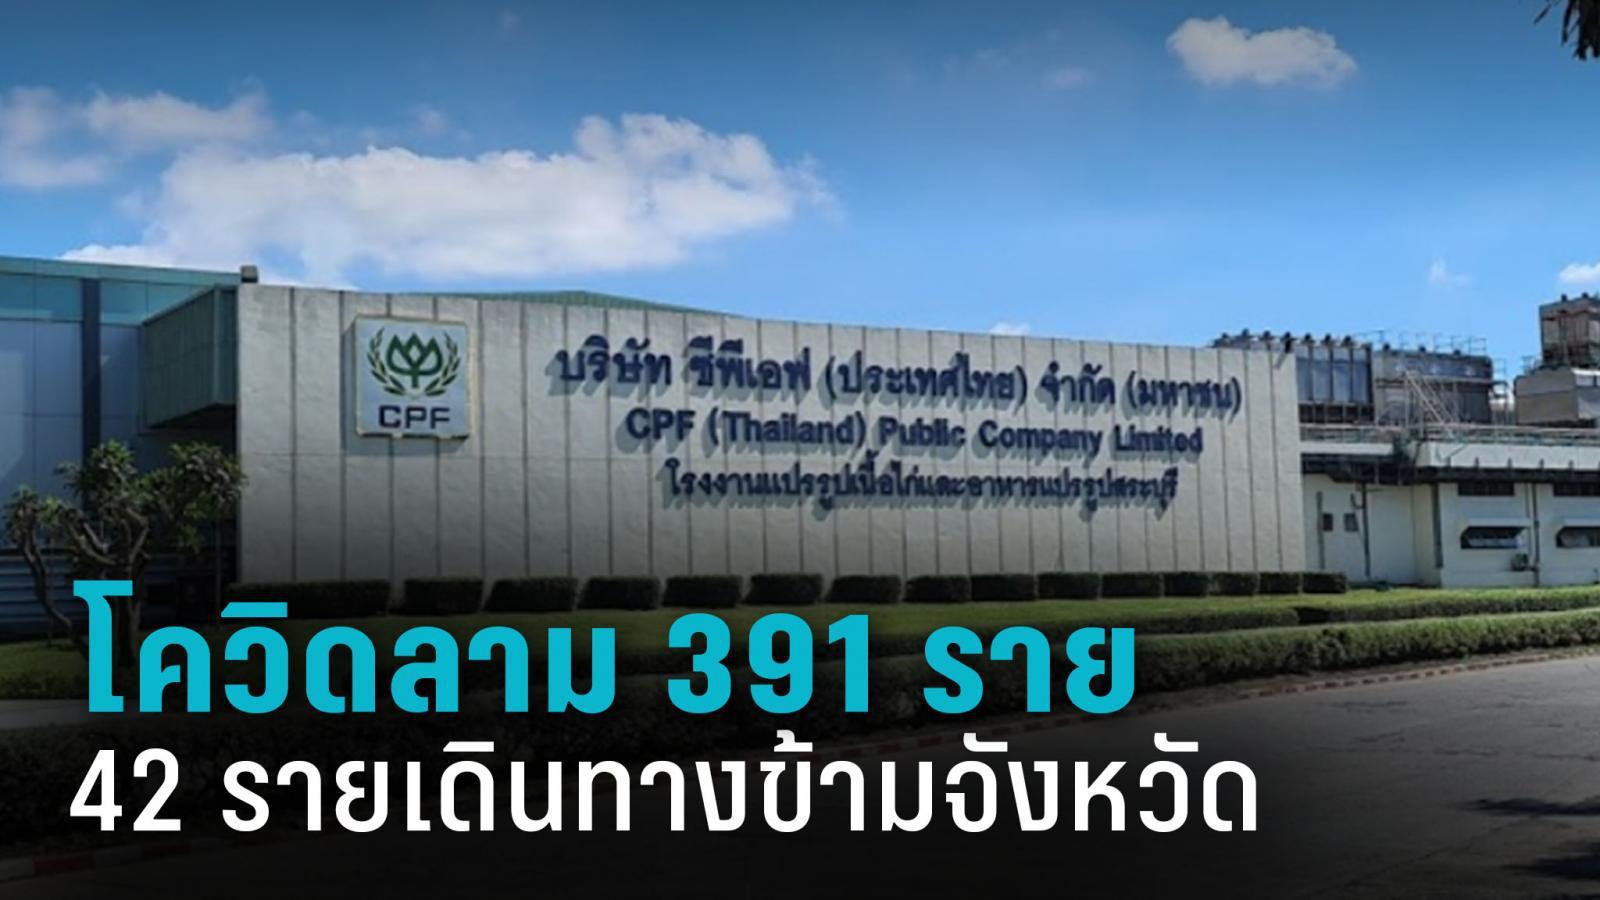 CPF สระบุรี พบติดเชื้อโควิดแล้ว 391 ราย ทั้งแรงงานไทย-กัมพูชา